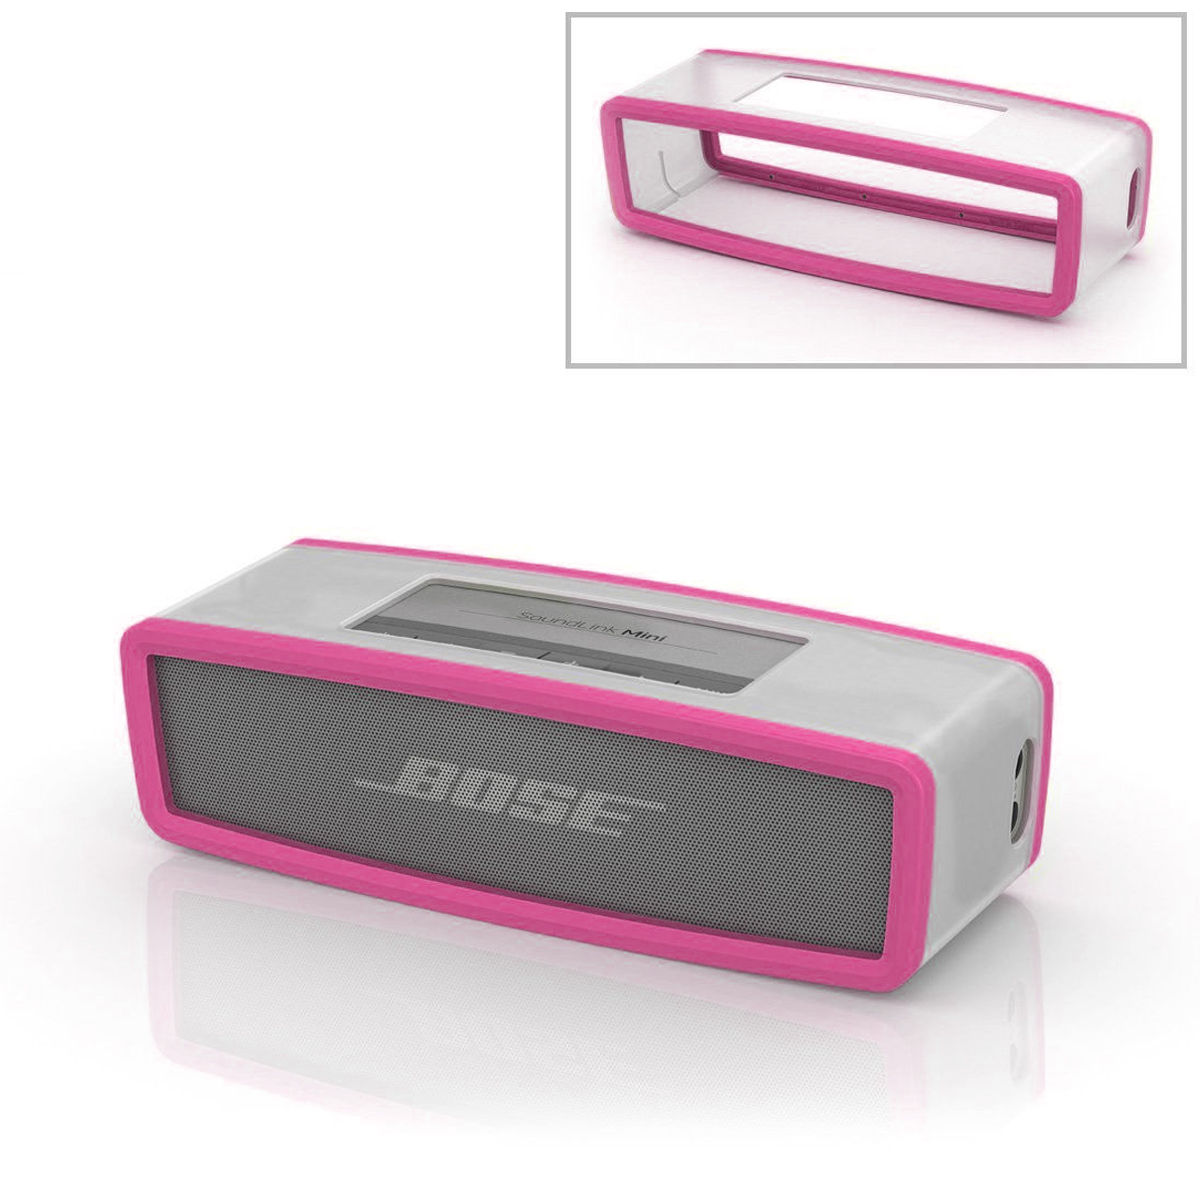 Huelle-Gehaeuse-Tasche-Schutz-Case-fuer-Bose-Soundlink-Mini-1-2-Bluetooth-Speaker